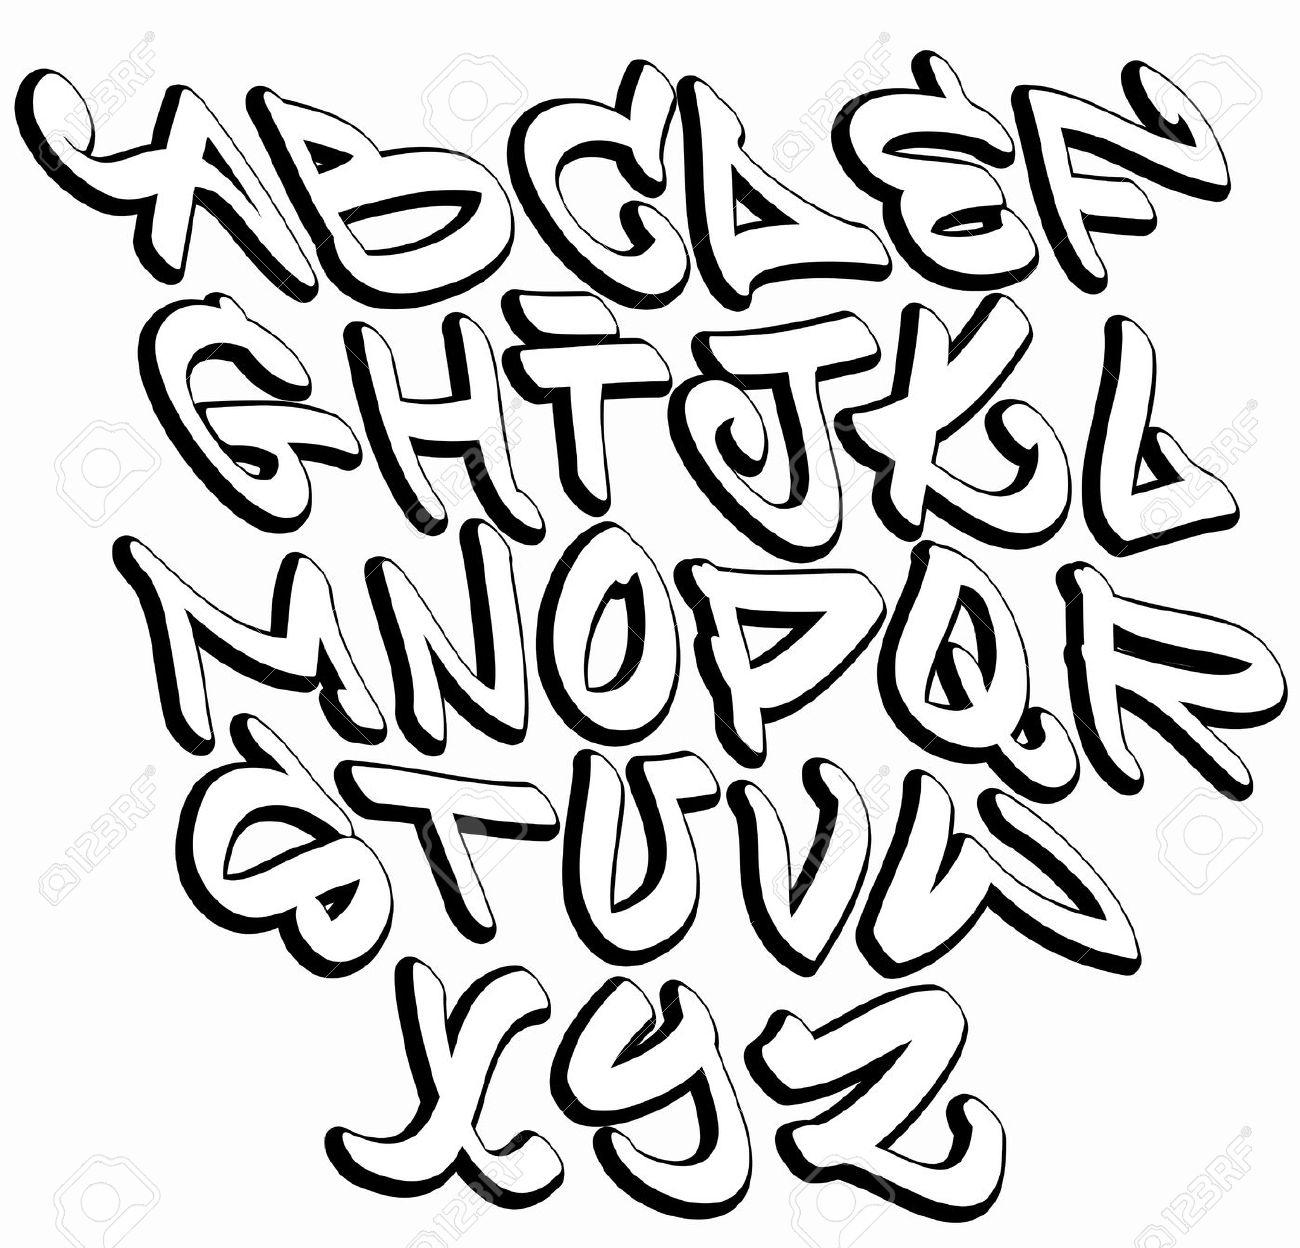 1300x1248 Cool Graffiti Styles Cool.graffiti Fonts To Draw Cool Graffiti